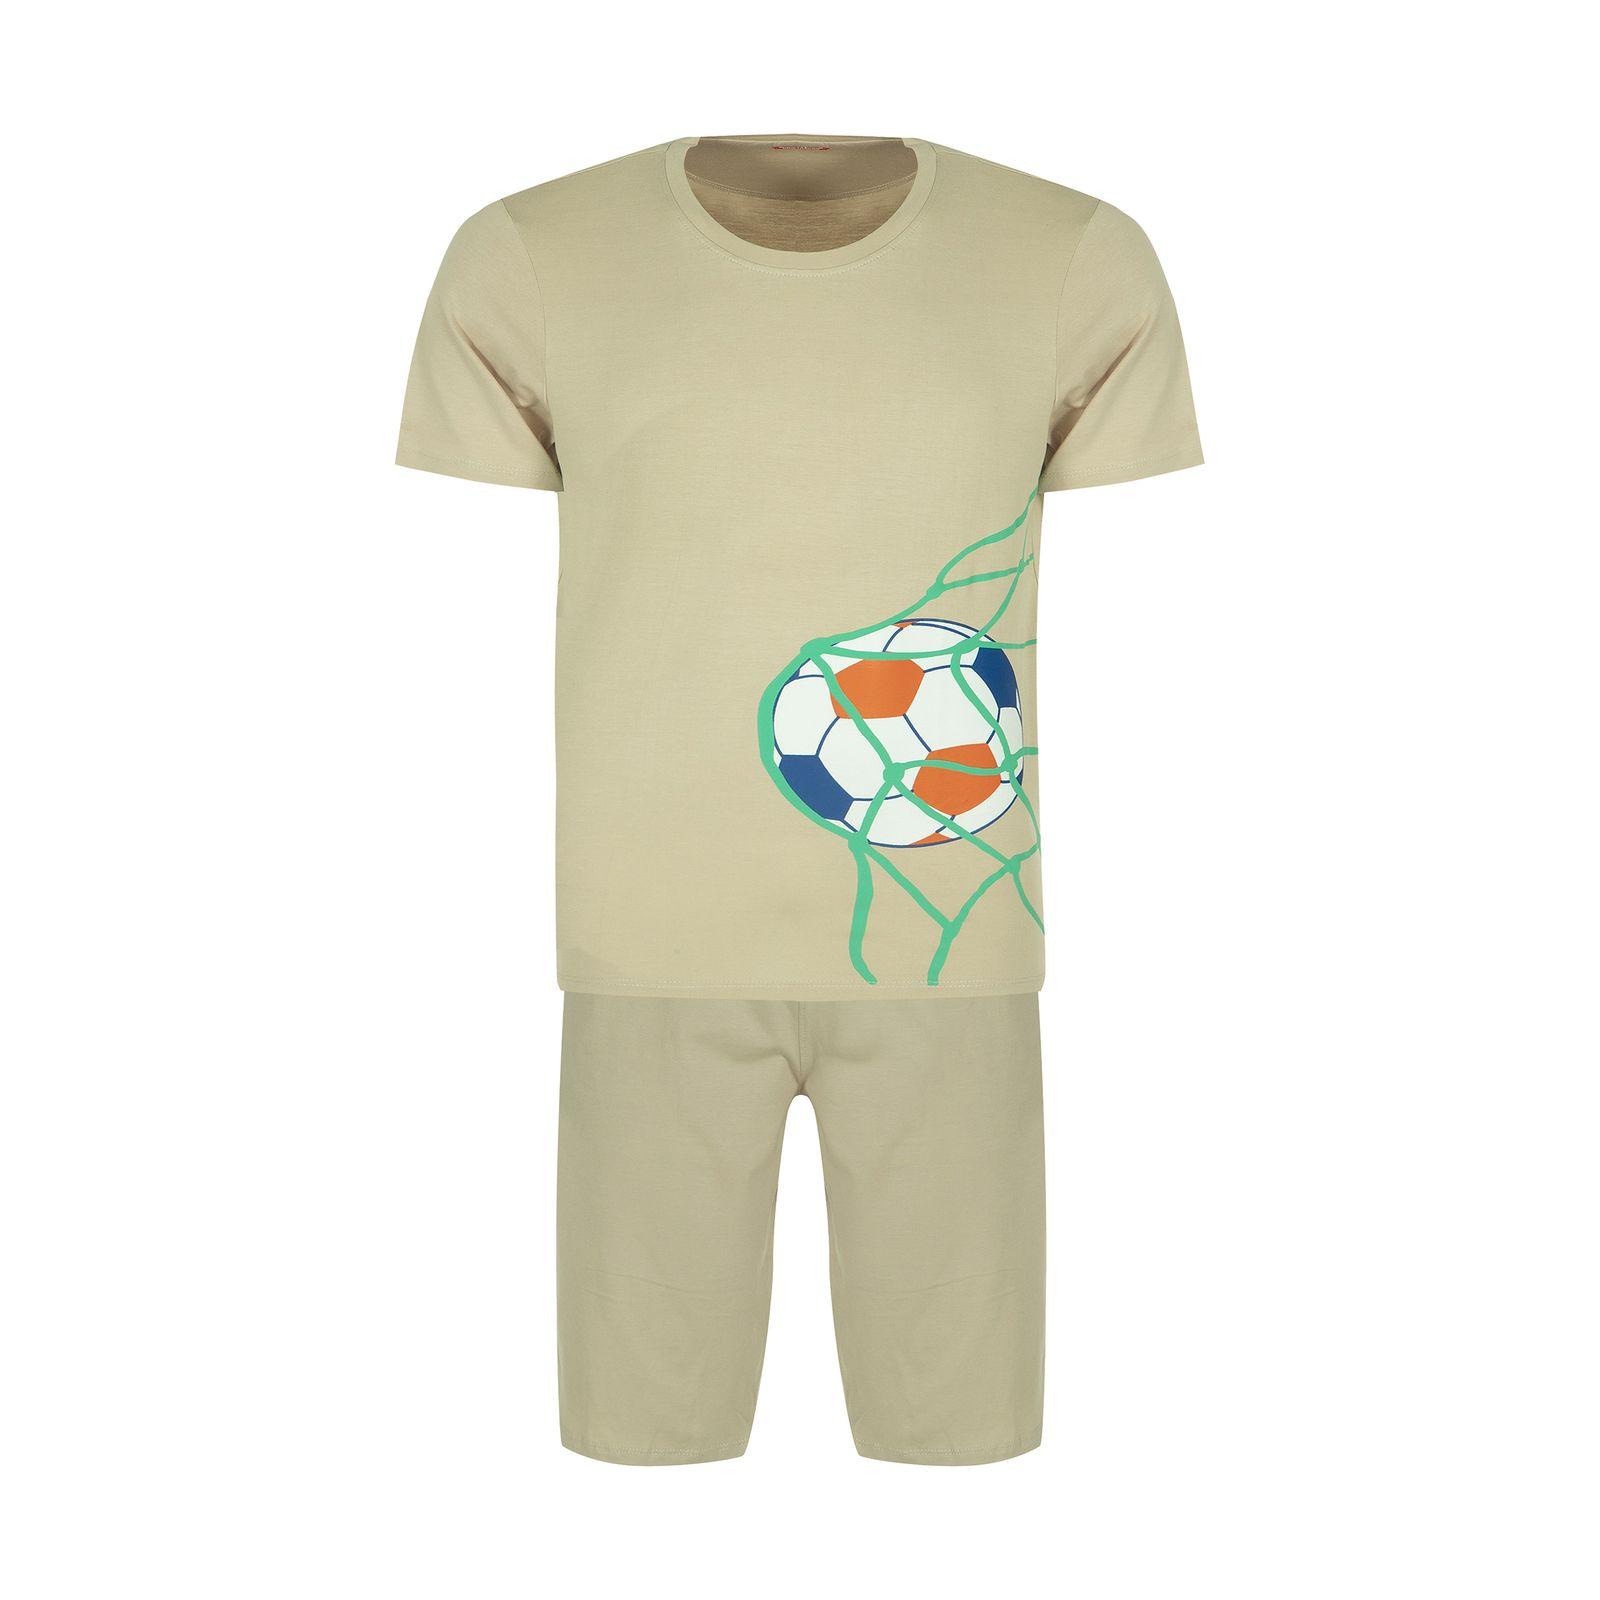 ست تی شرت و شلوارک راحتی مردانه مادر مدل 2041109-07 -  - 2